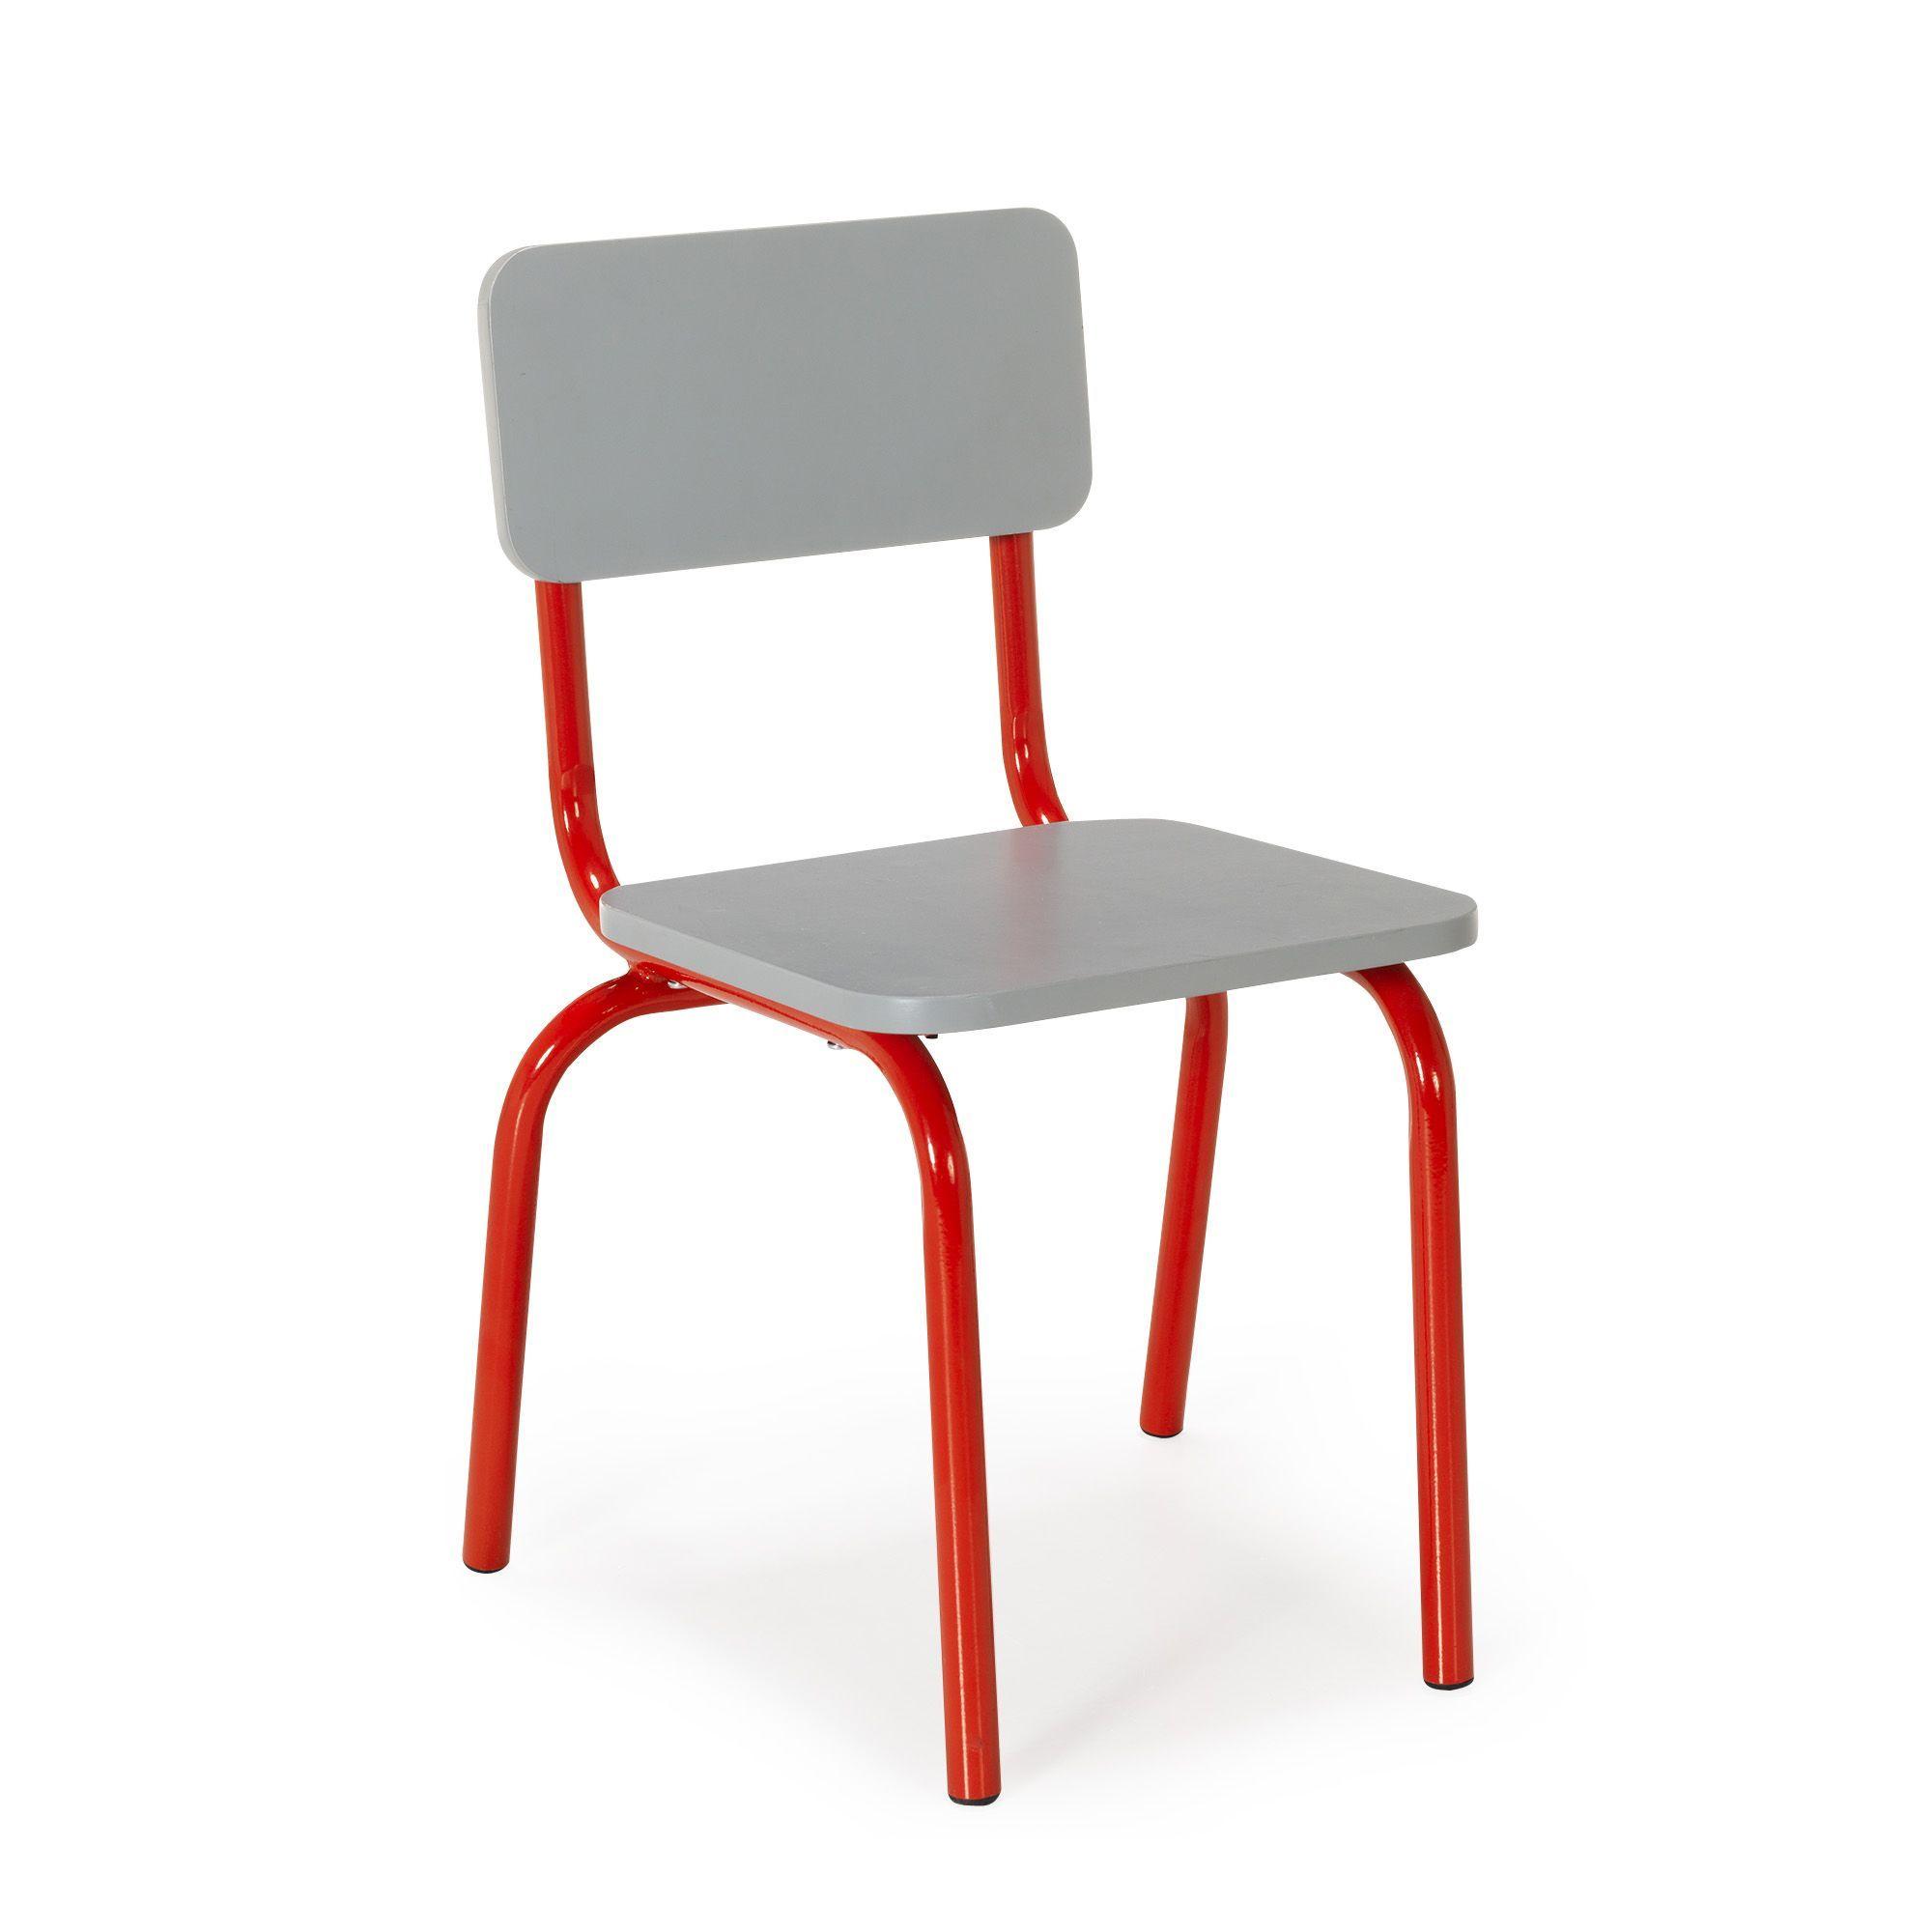 Chaise rouge pour enfant en métal Rouge Tubilo Les chaises et